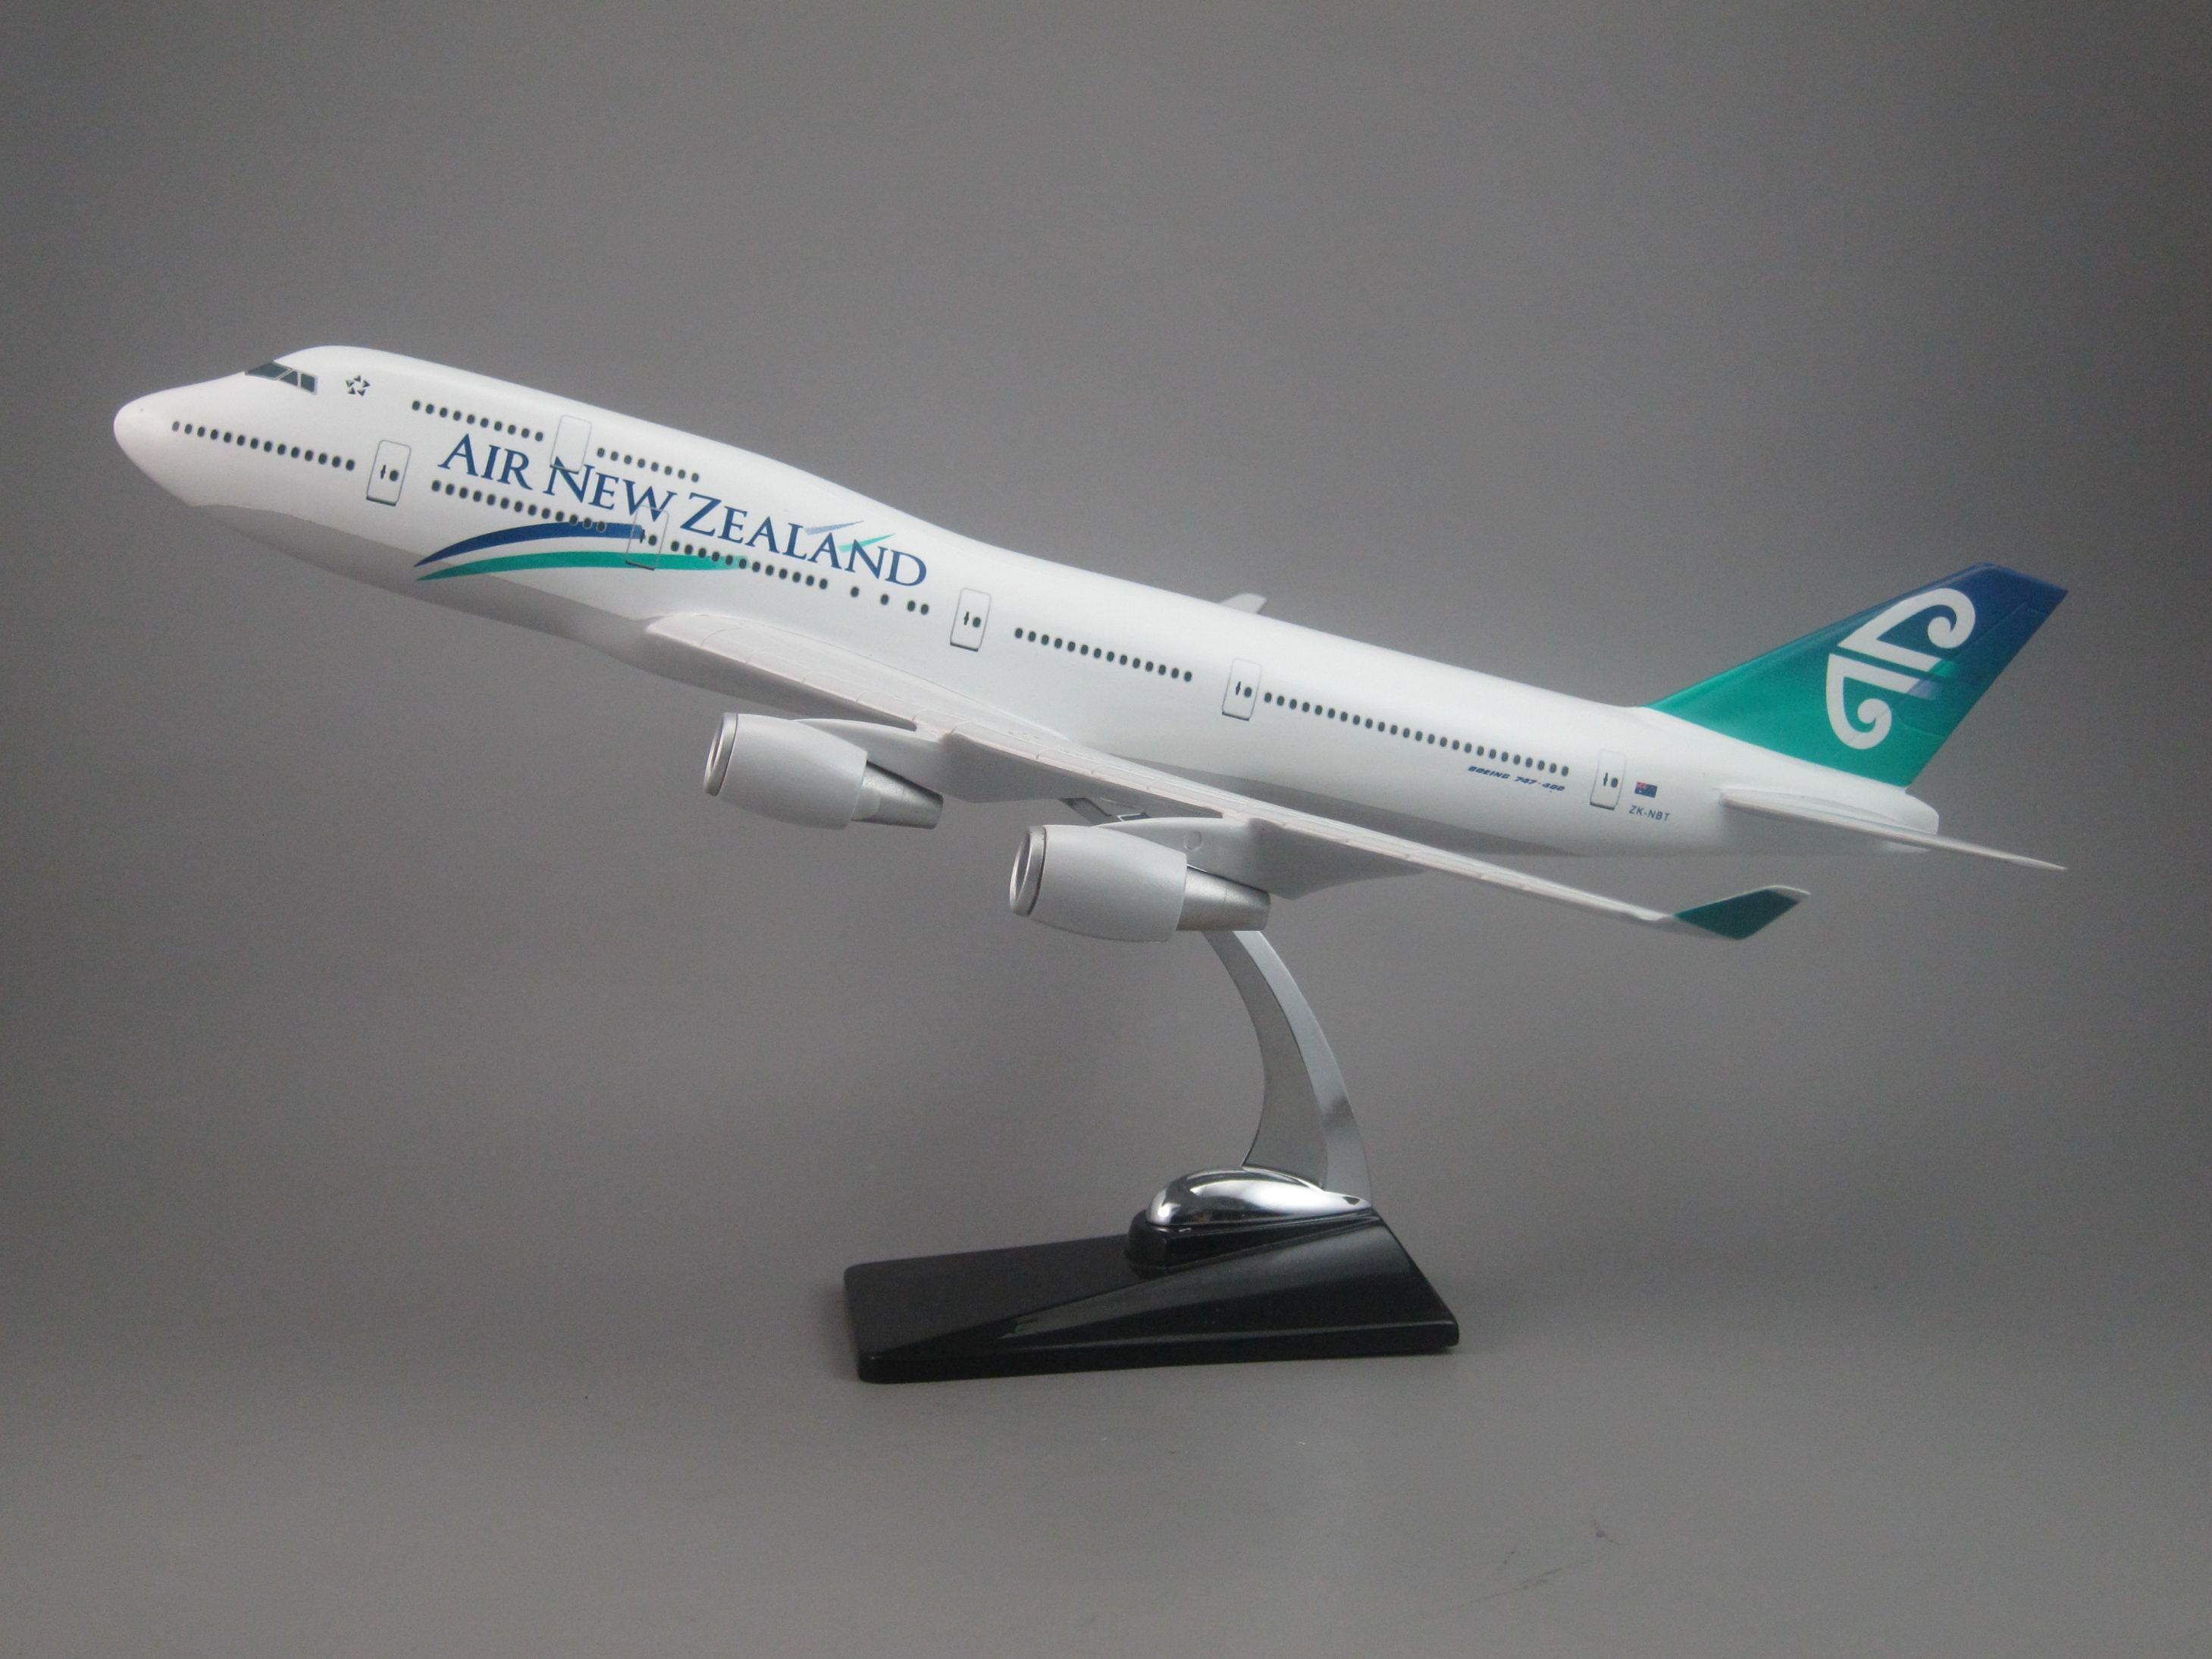 飞机模型(新西兰航空B747-400飞机)仿真飞机 合成树脂飞机模型